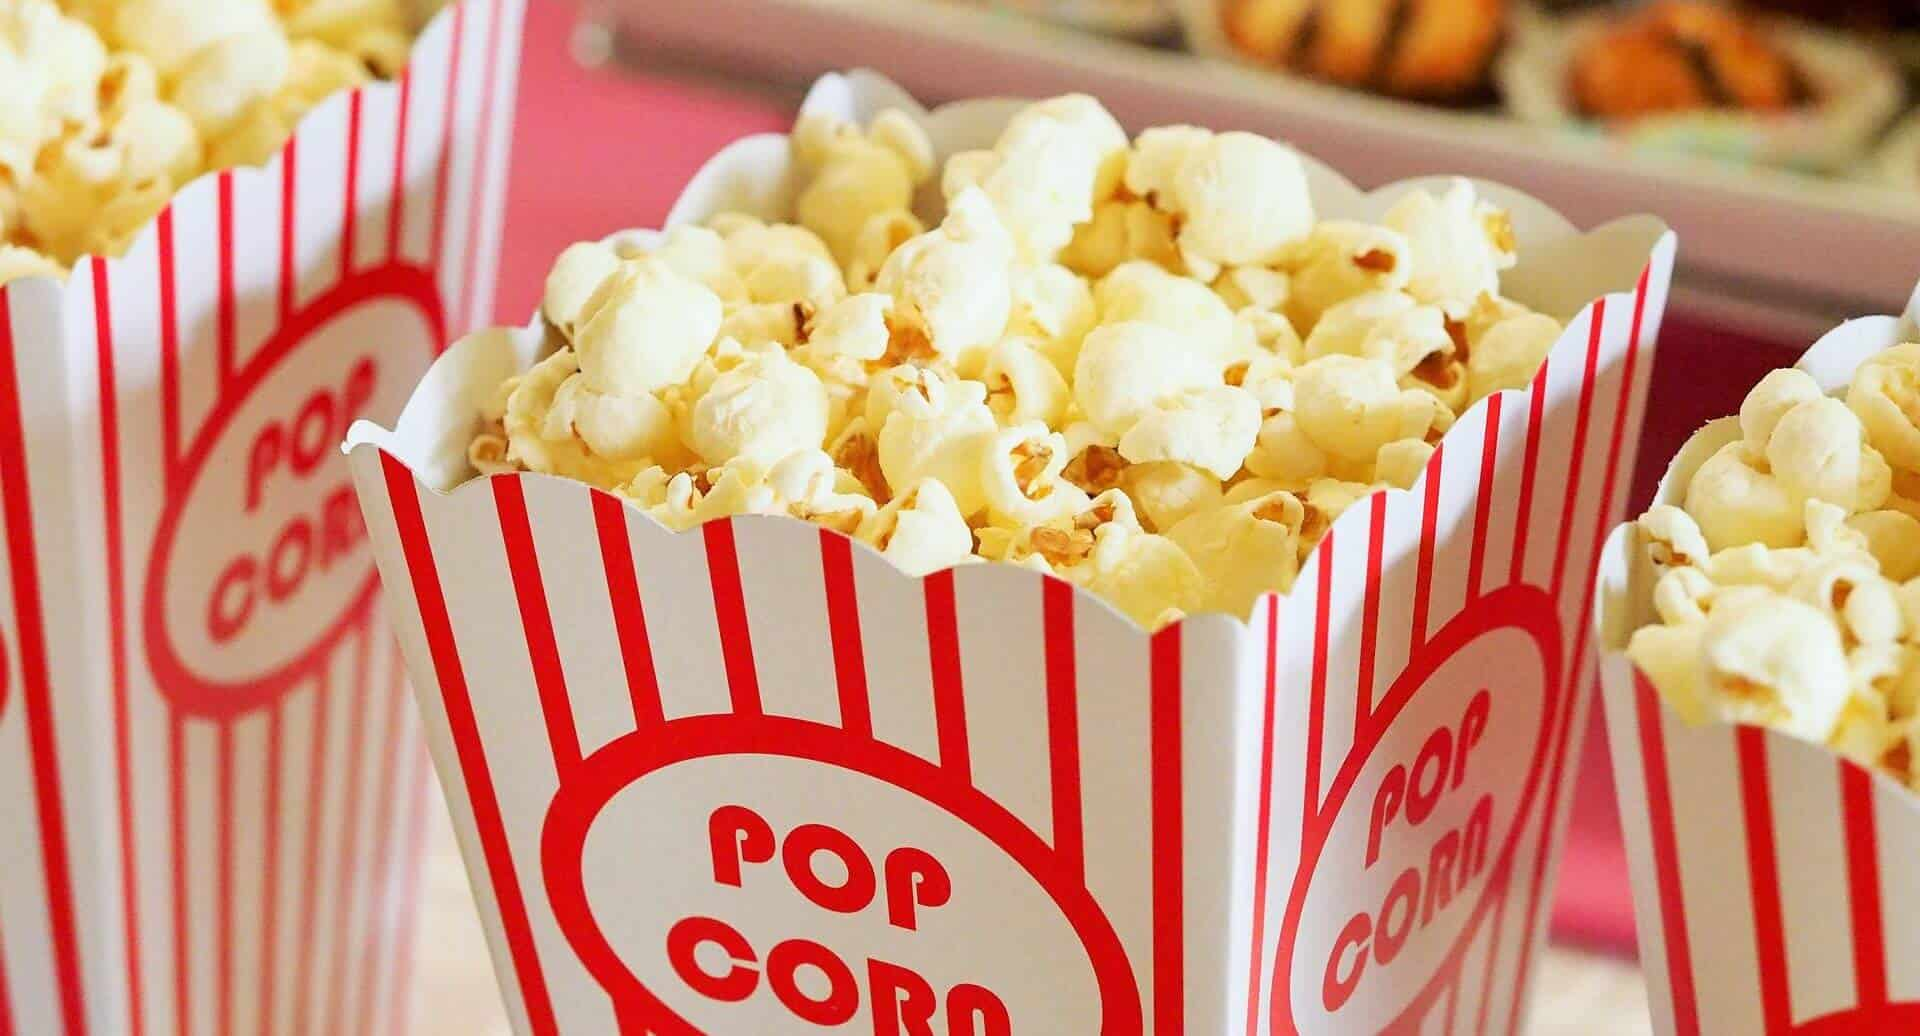 popcorn 1085072 1920 e1502934821190